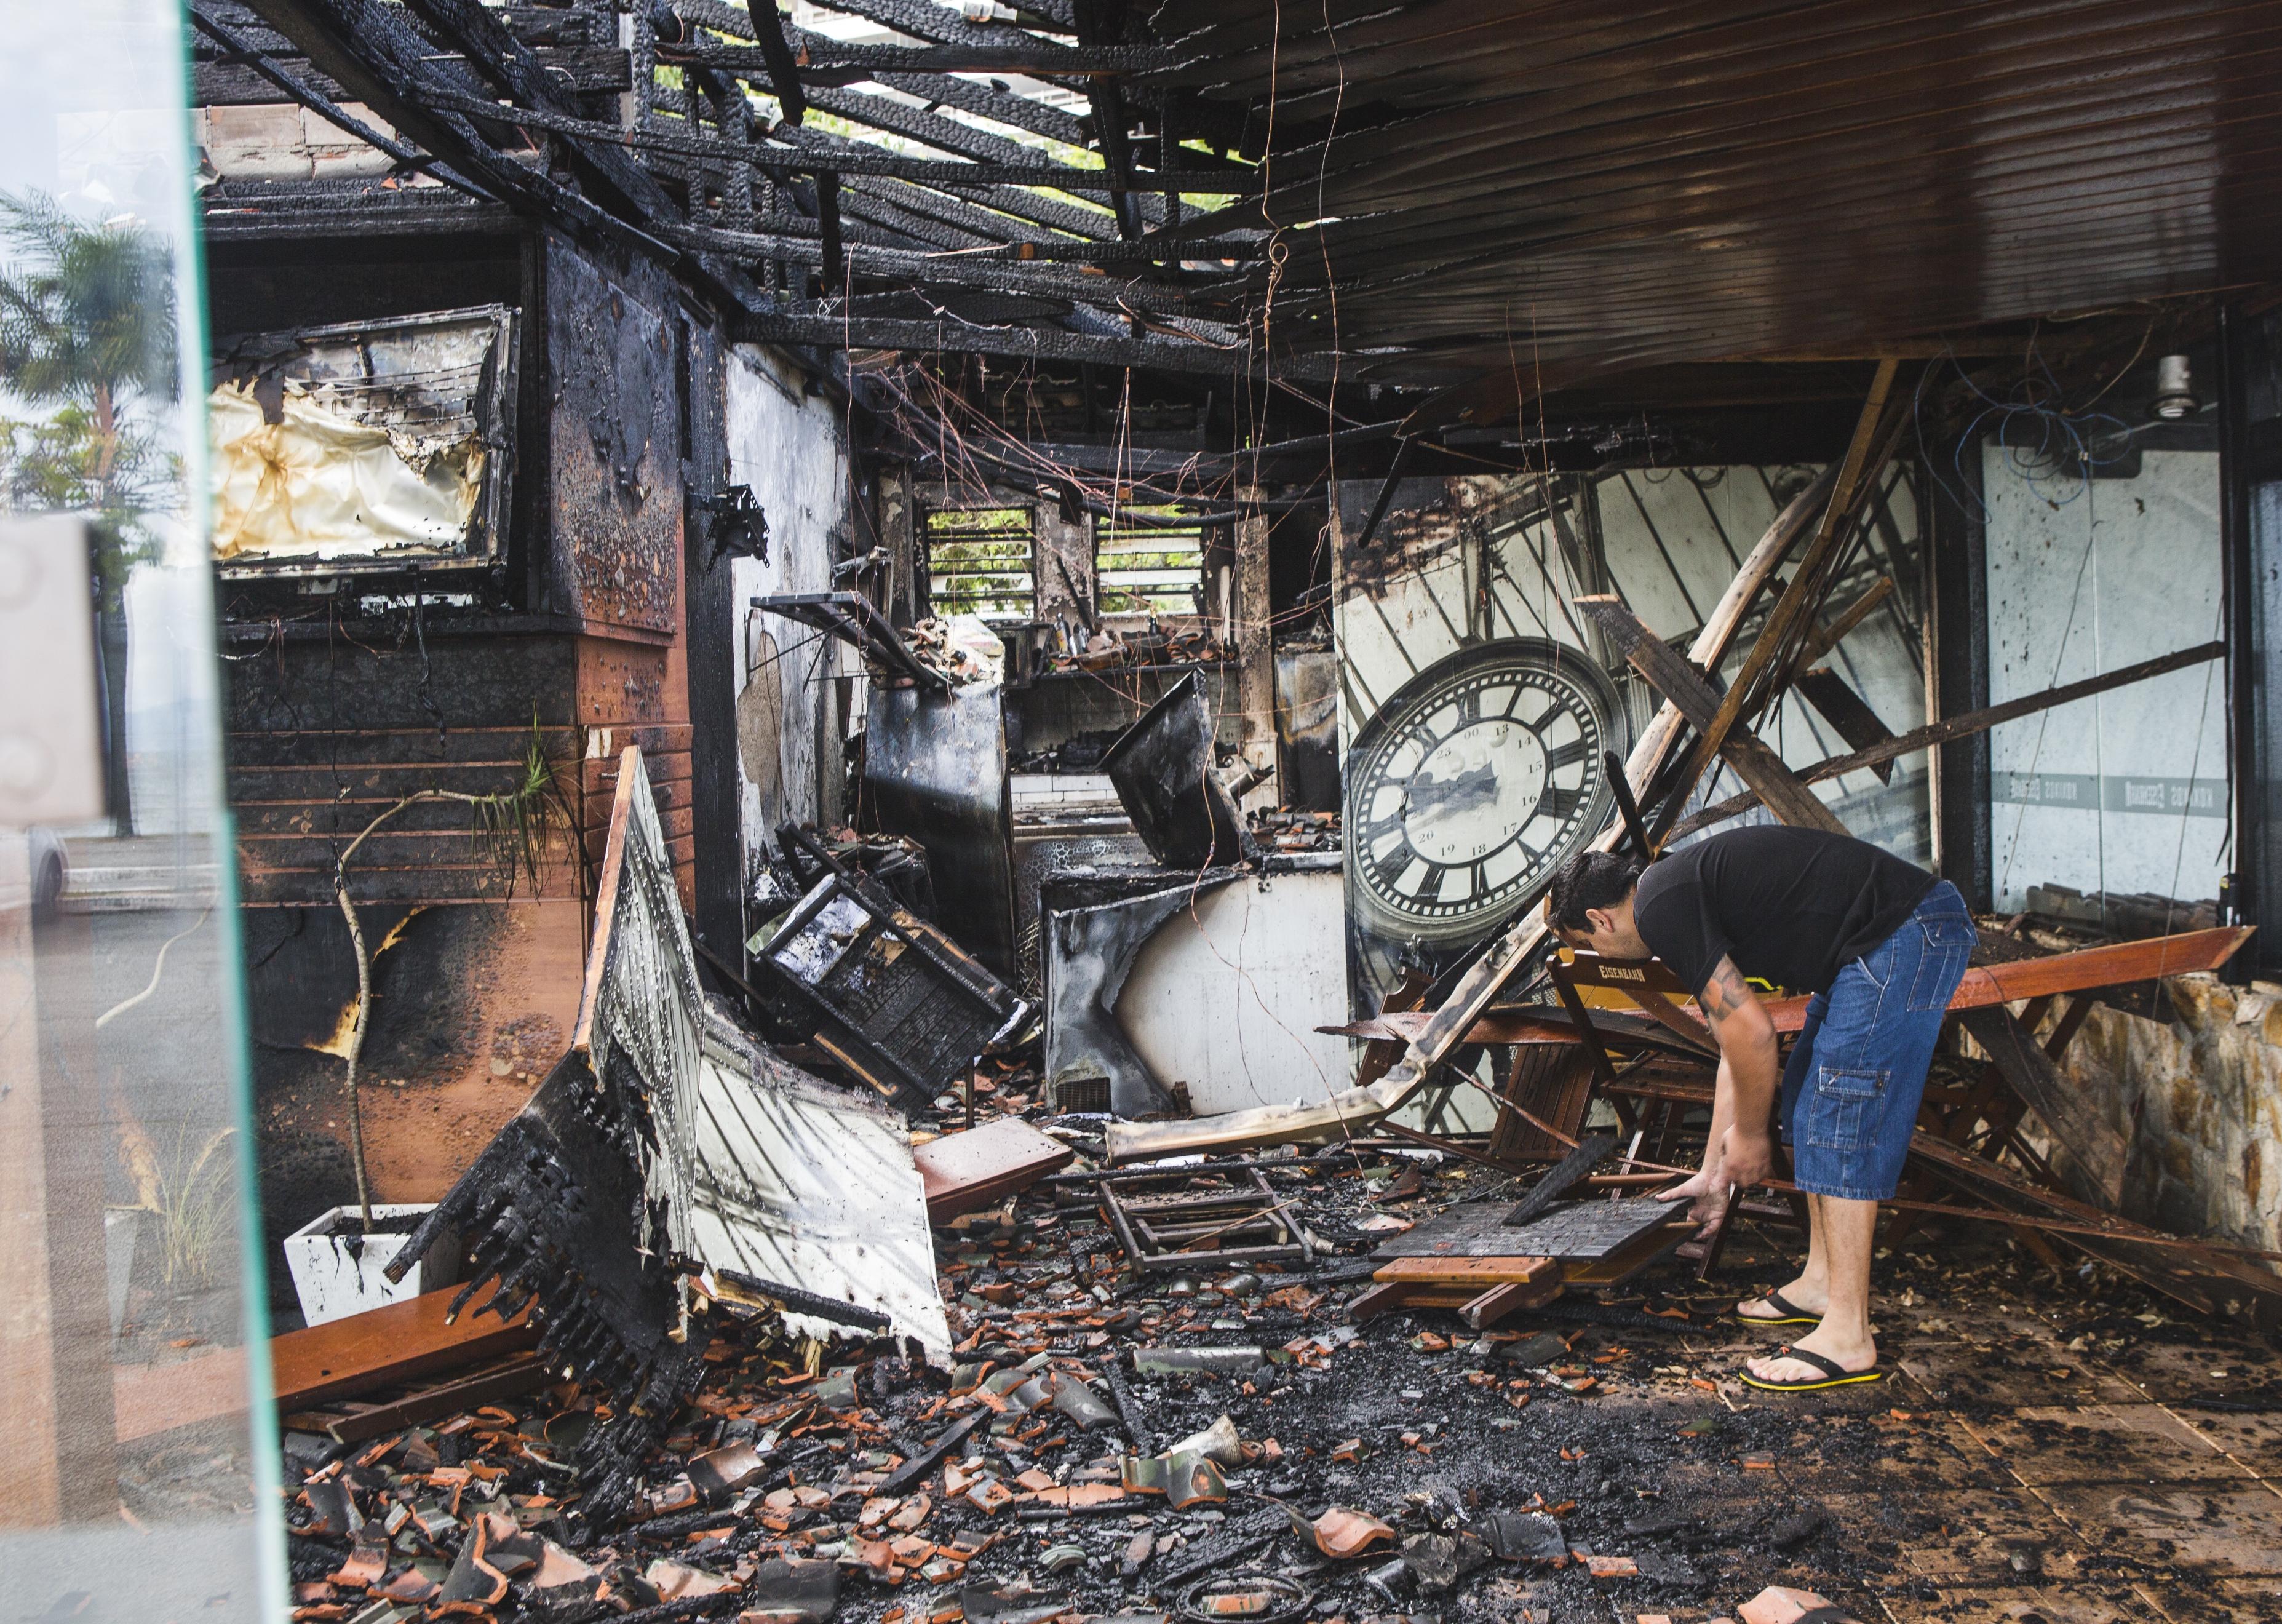 Koxixo's Beer foi consumido por um incêndio - Daniel Queiroz/ ND